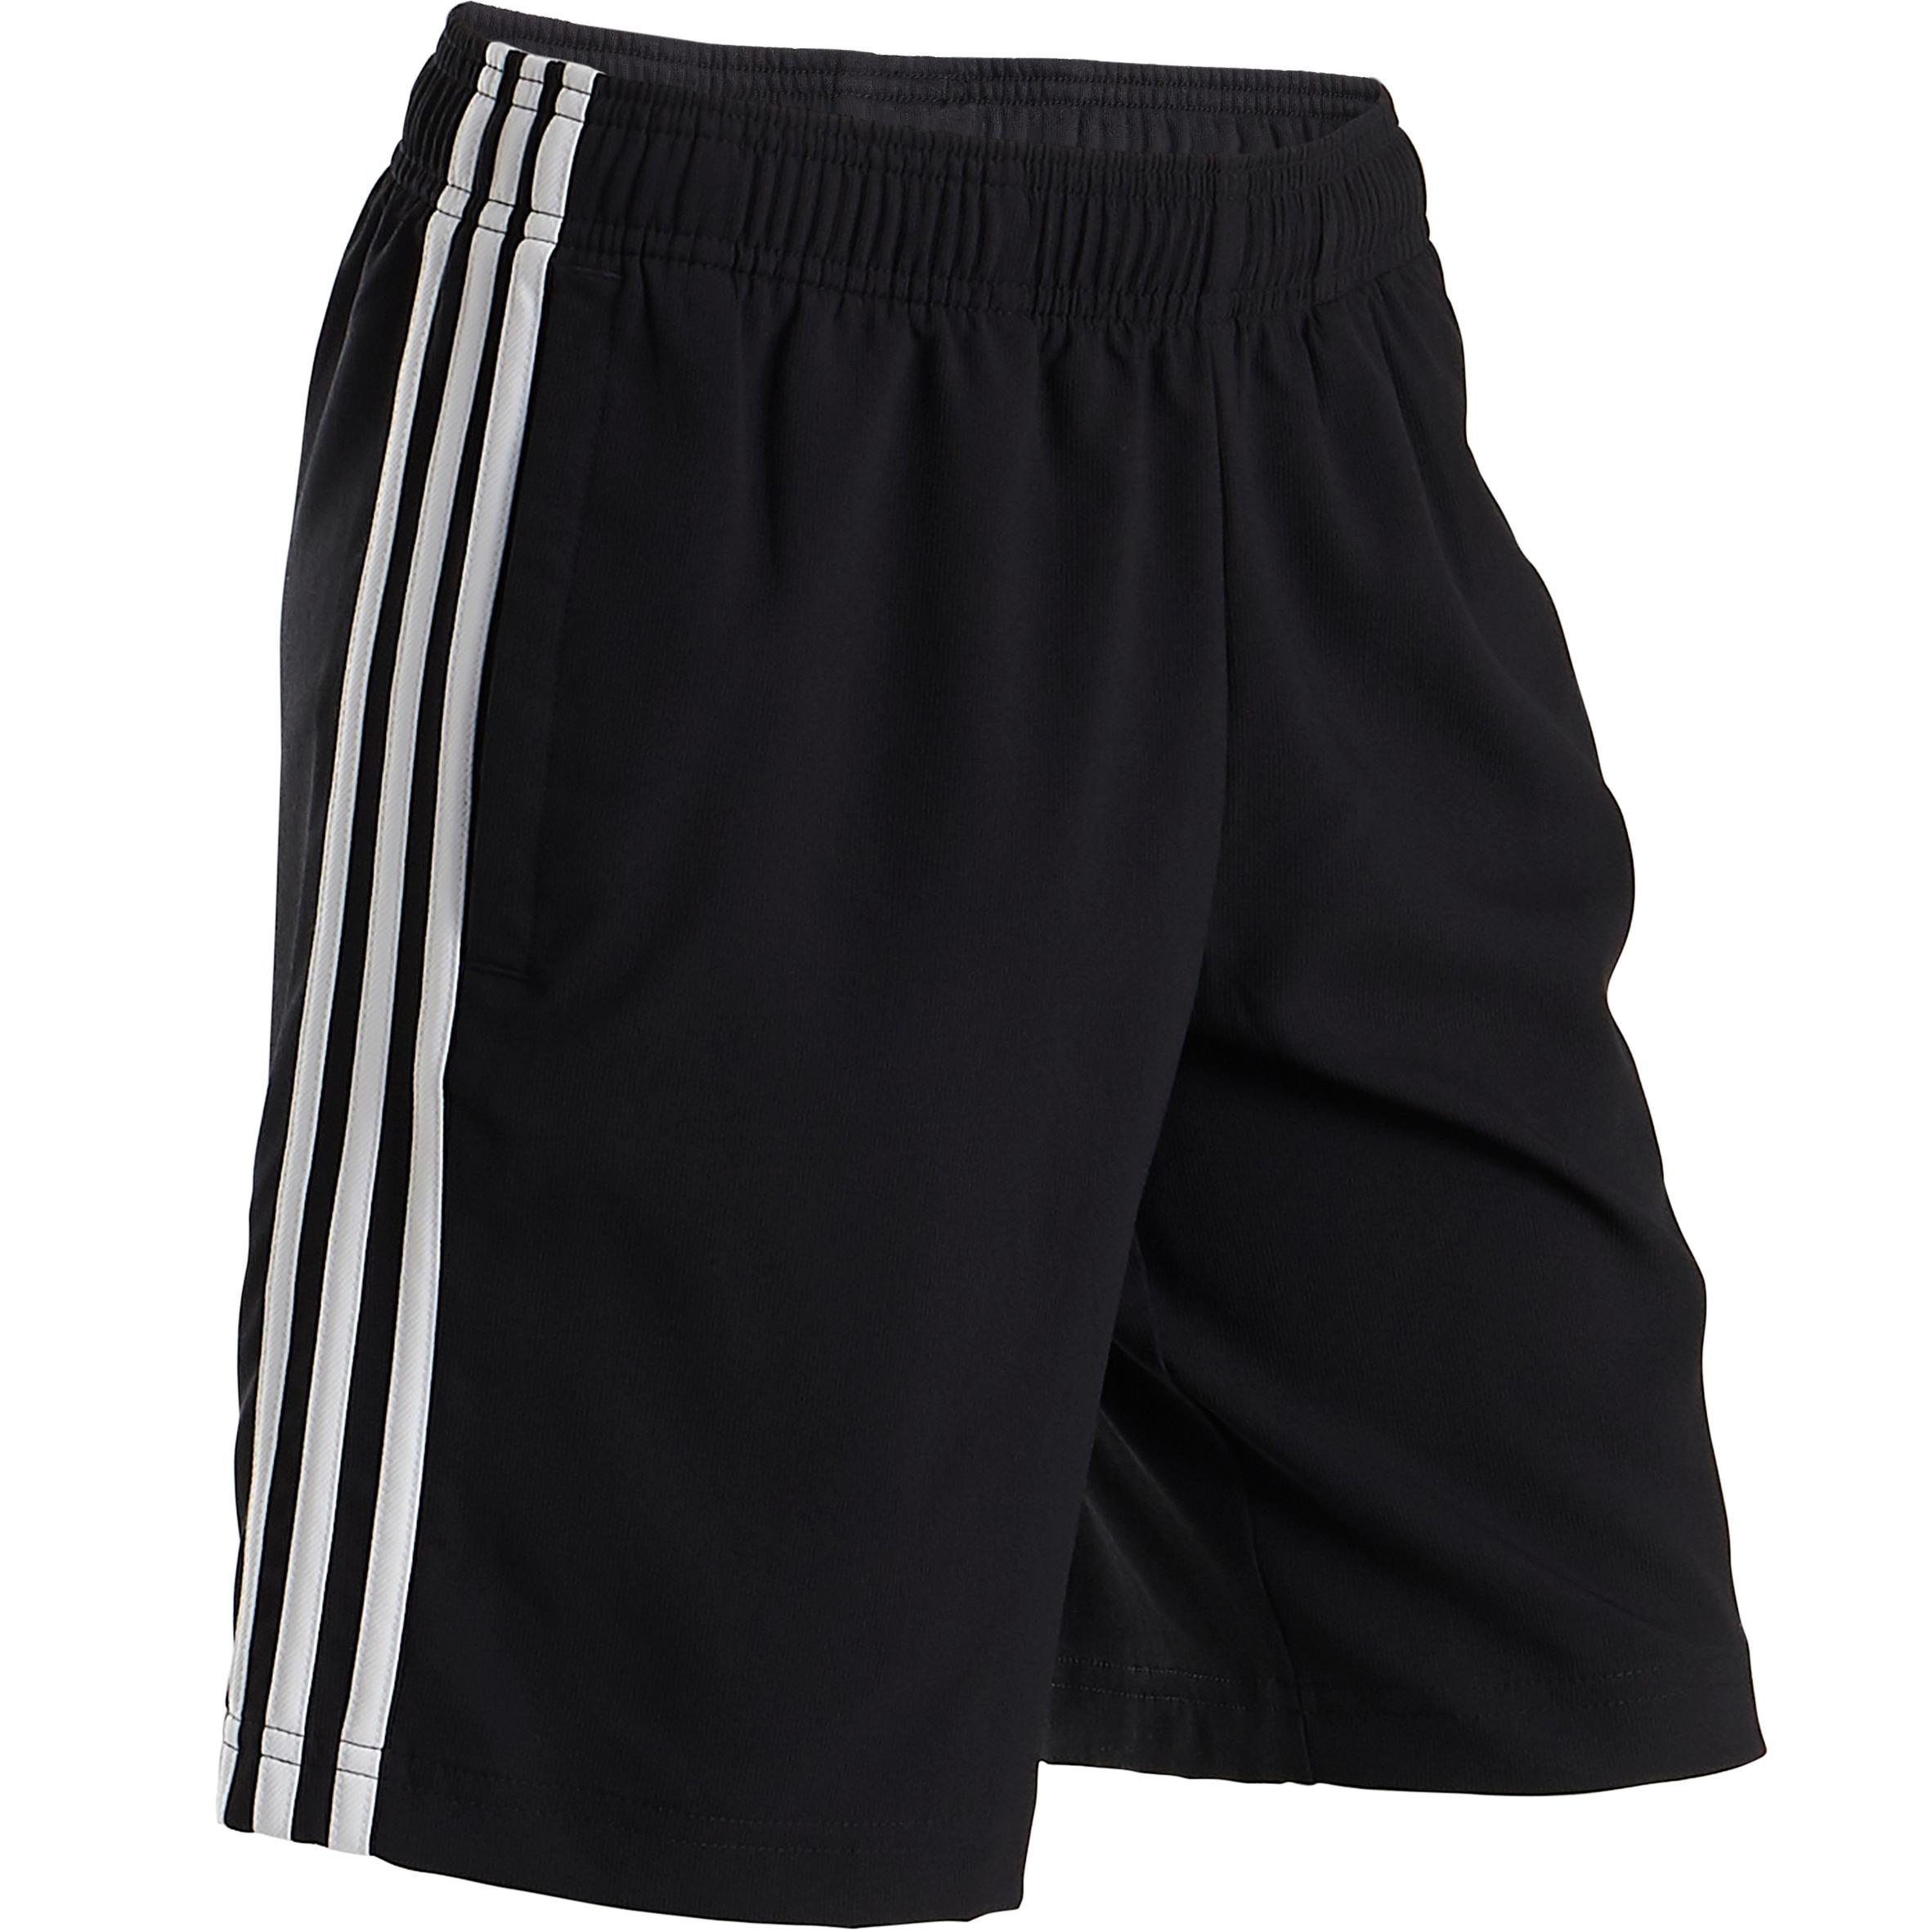 Jungen,  Kinder,  Kinder Adidas Sporthose kurz Logo am Bein Kinder   04060515409763